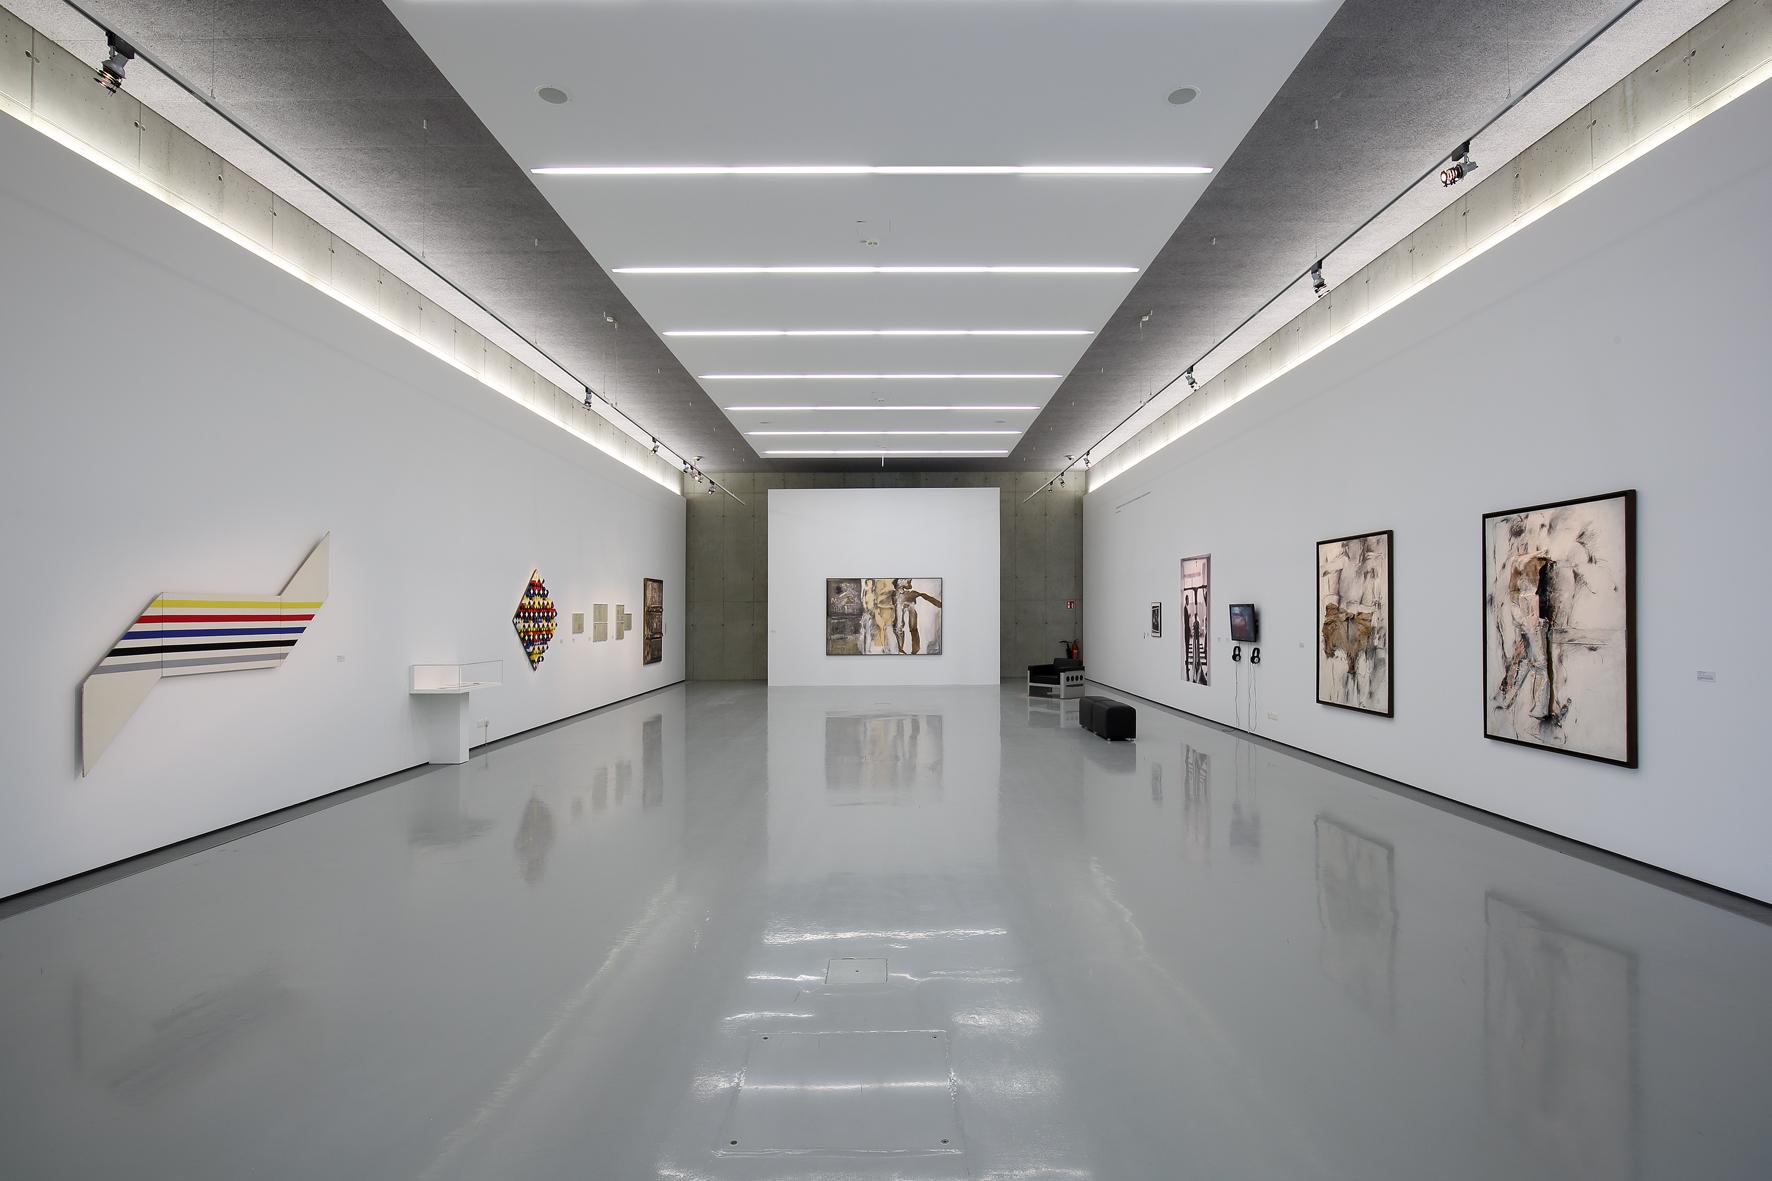 Ausstellungsnasicht_Hoffmann_┬®redtenbacher_01.jpg